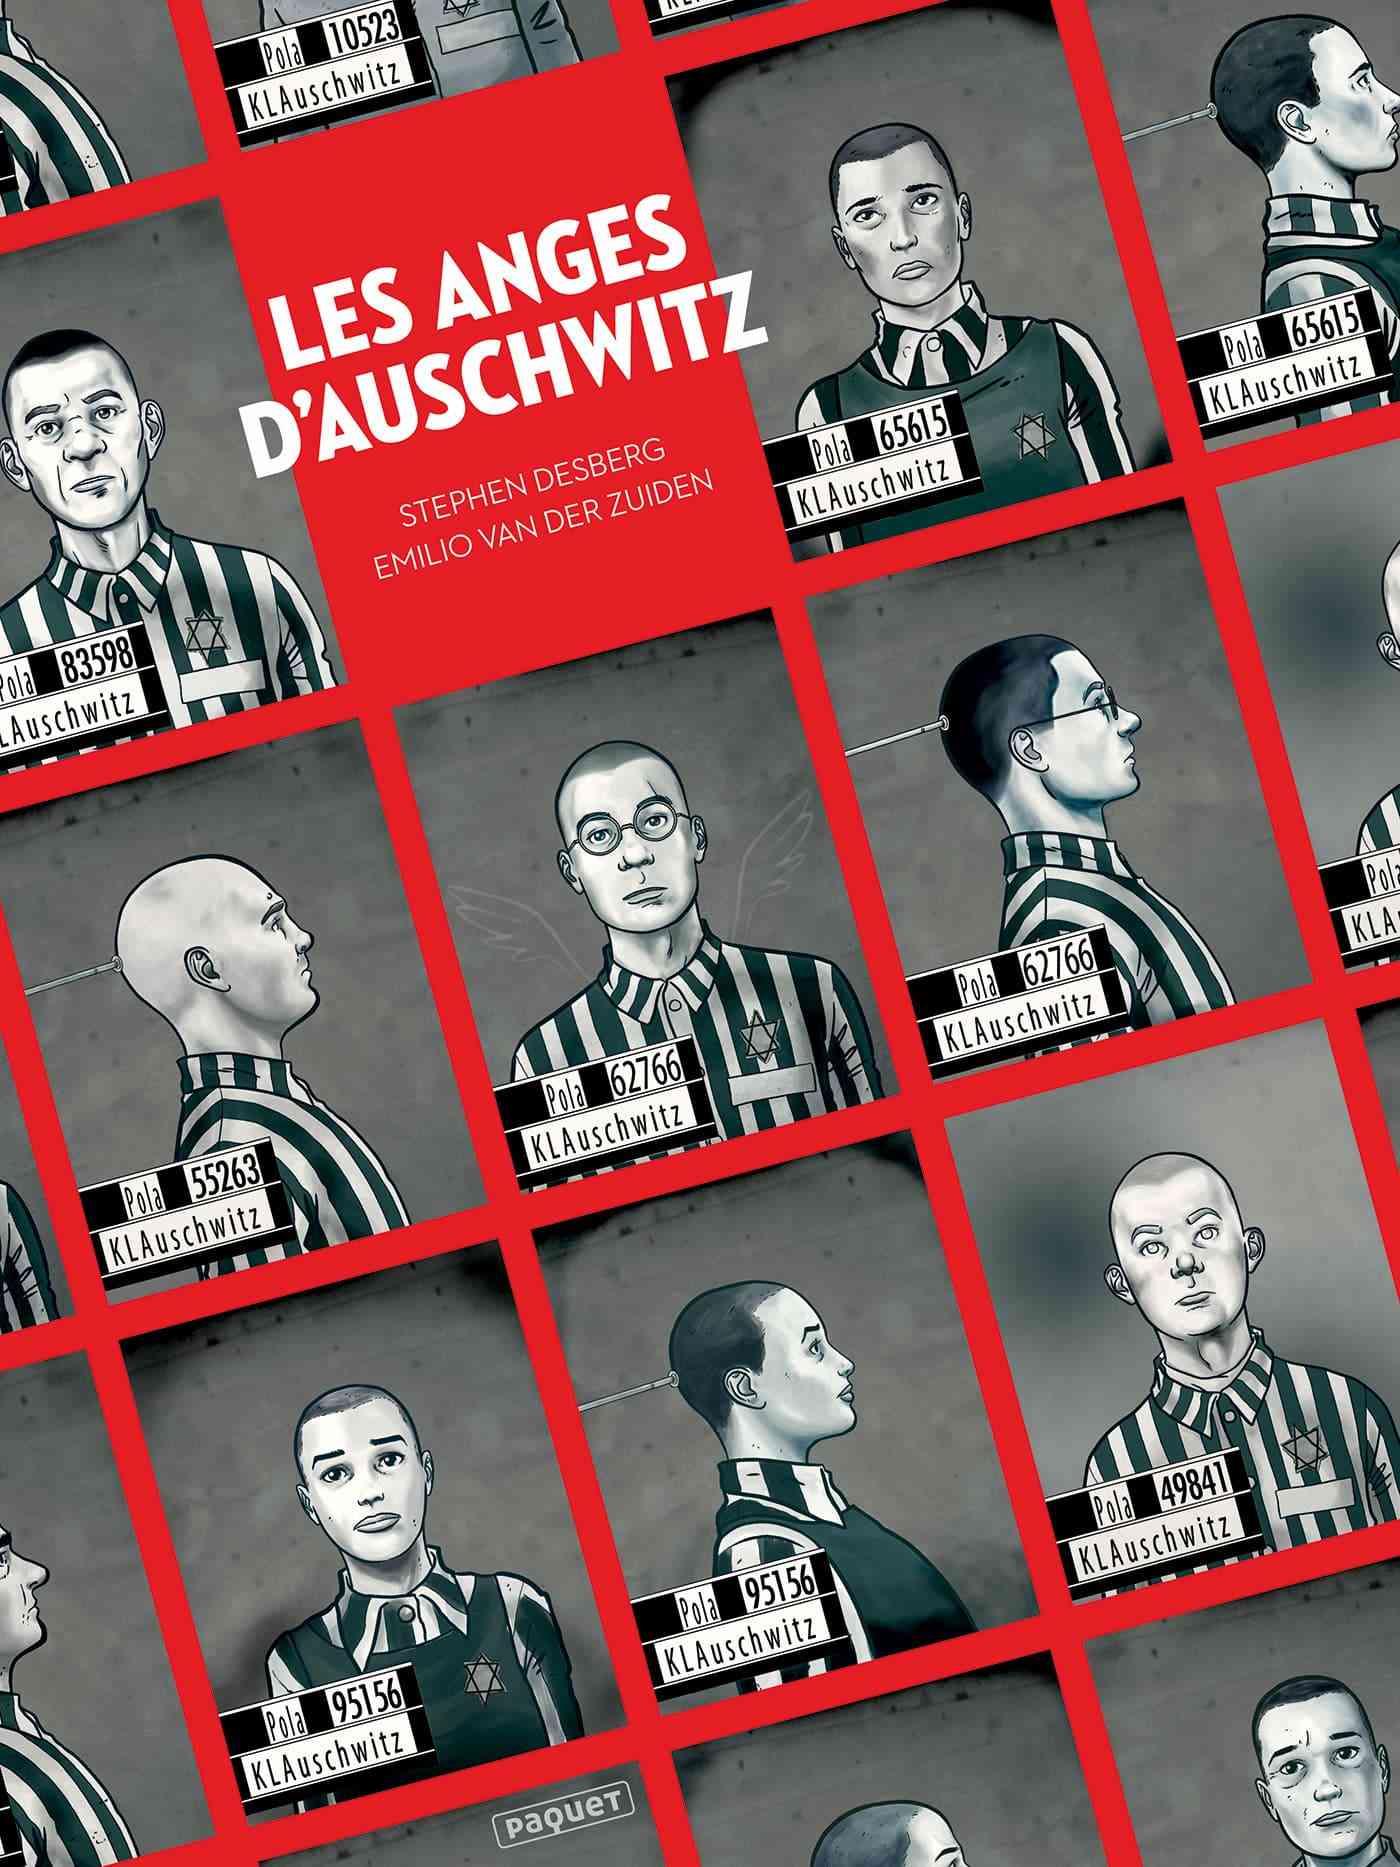 Les Anges d'Auschwitz, le cri silencieux de Desberg